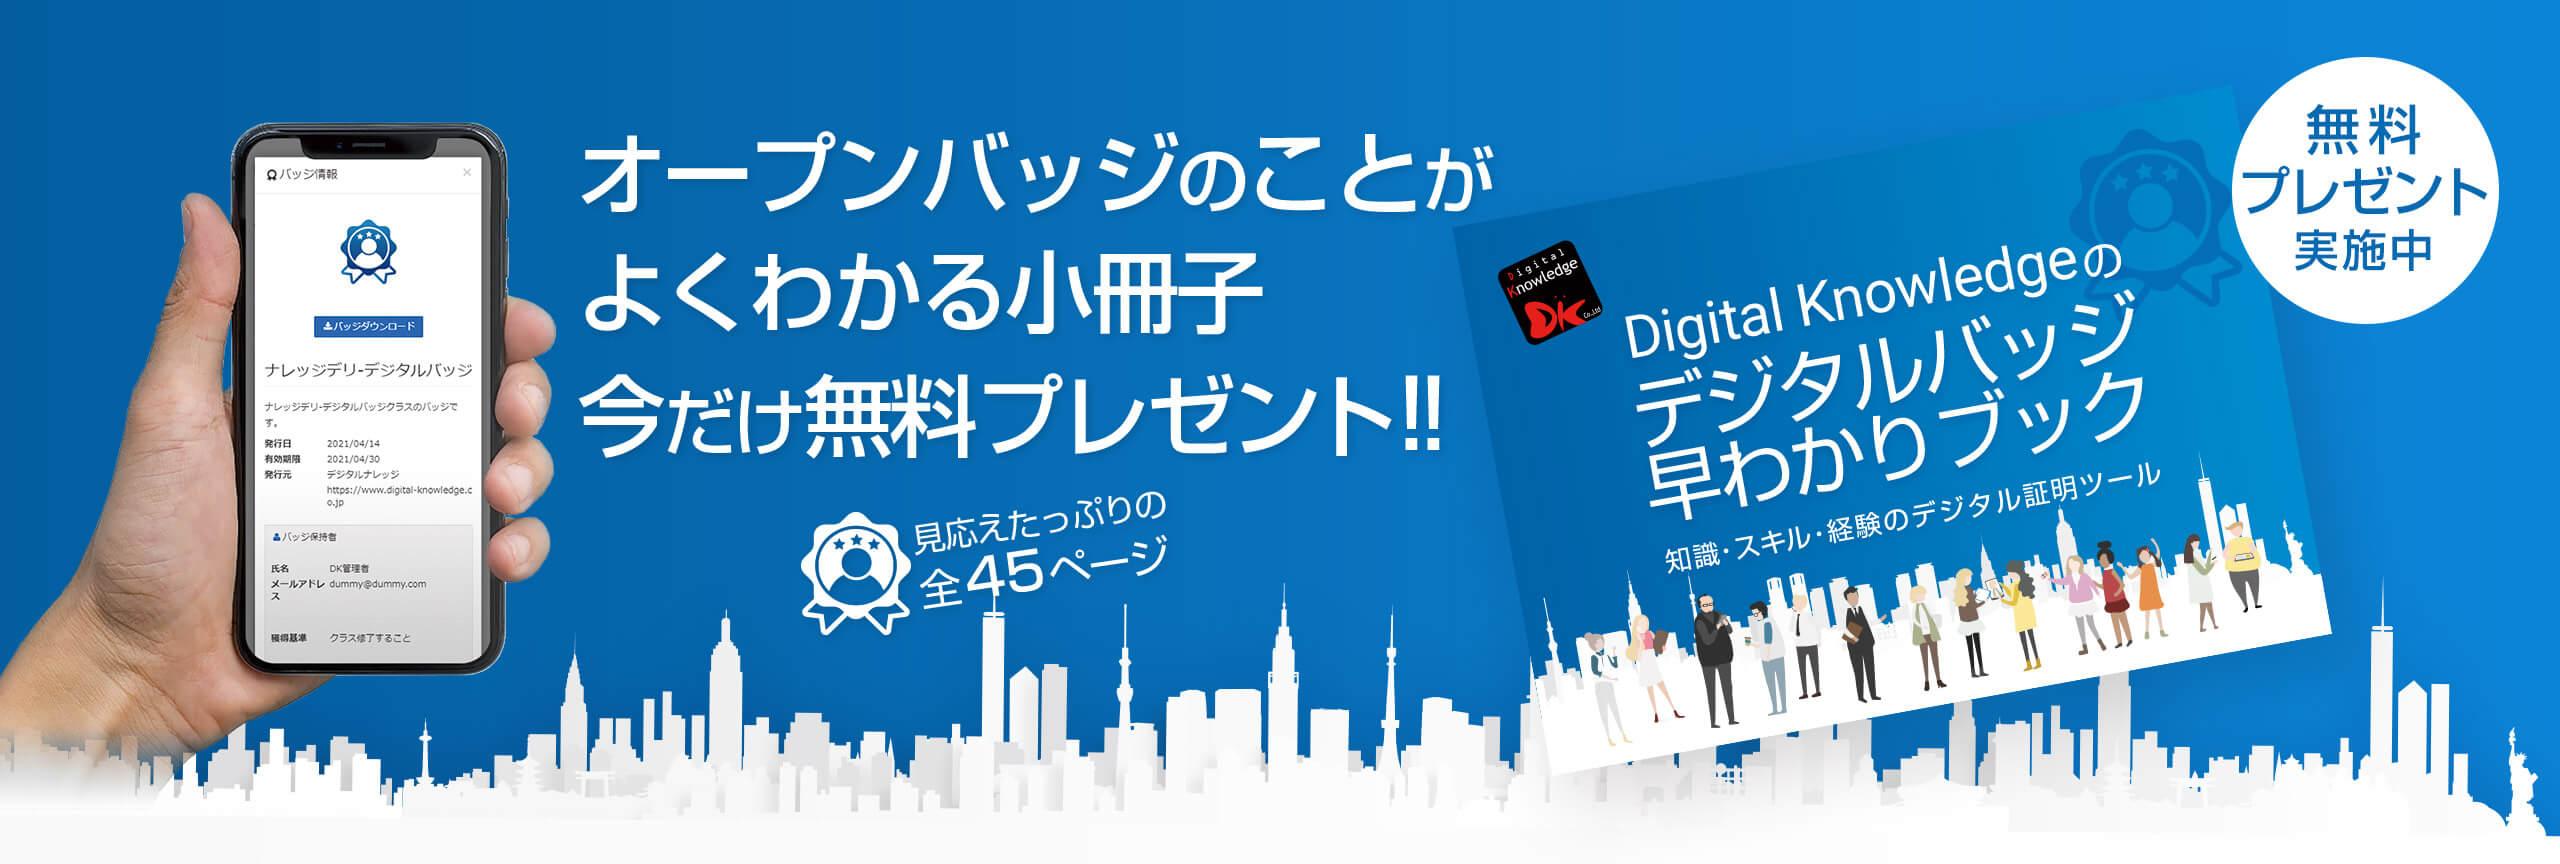 デジタルバッジ小冊子プレゼント